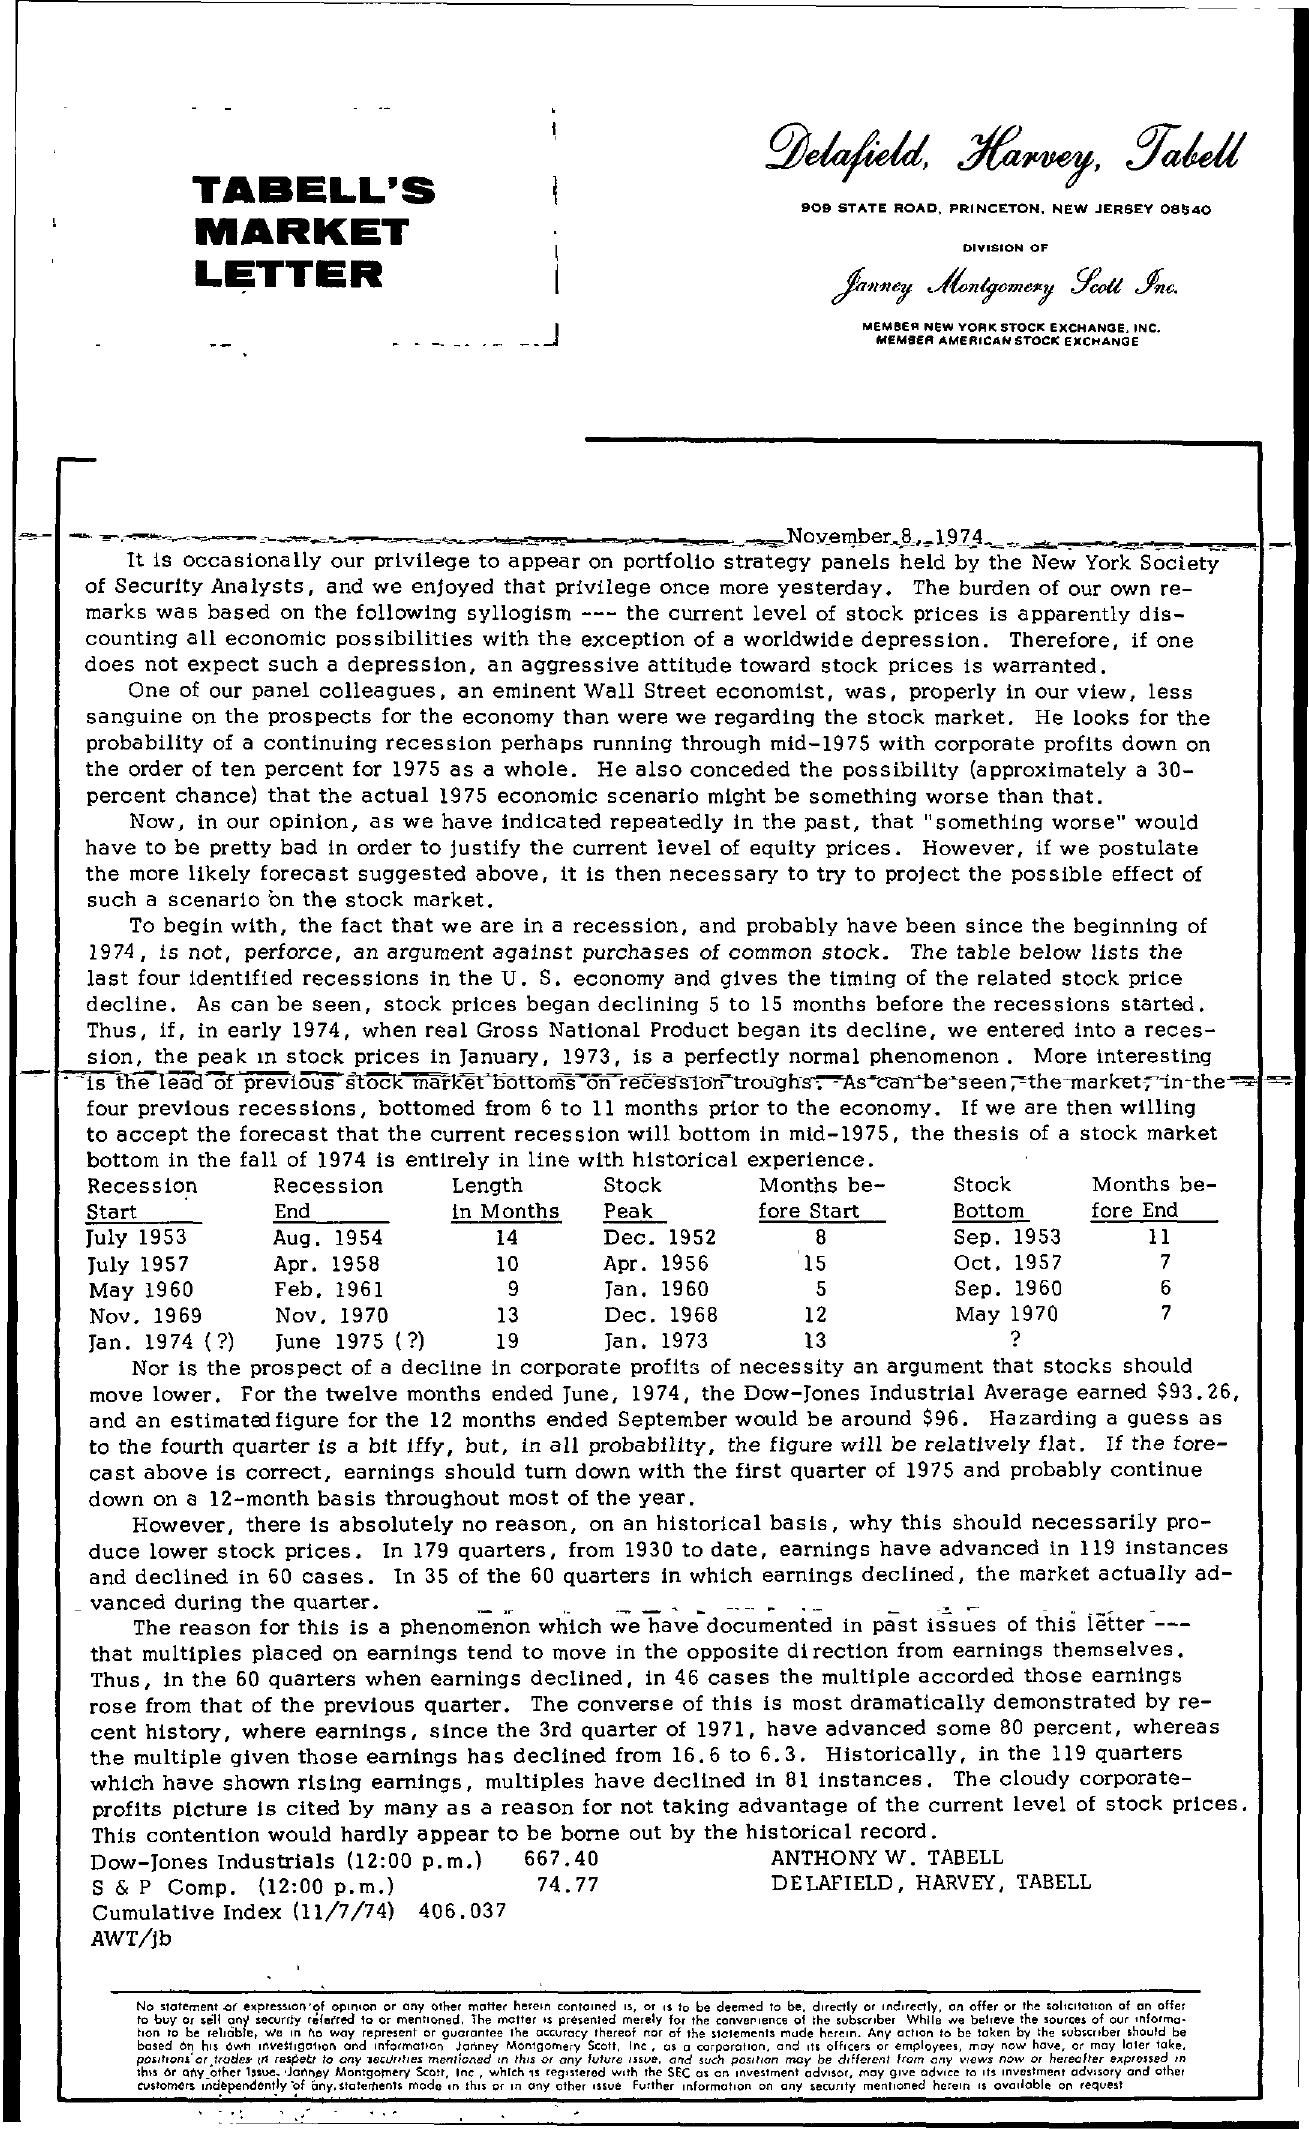 Tabell's Market Letter - November 08, 1974